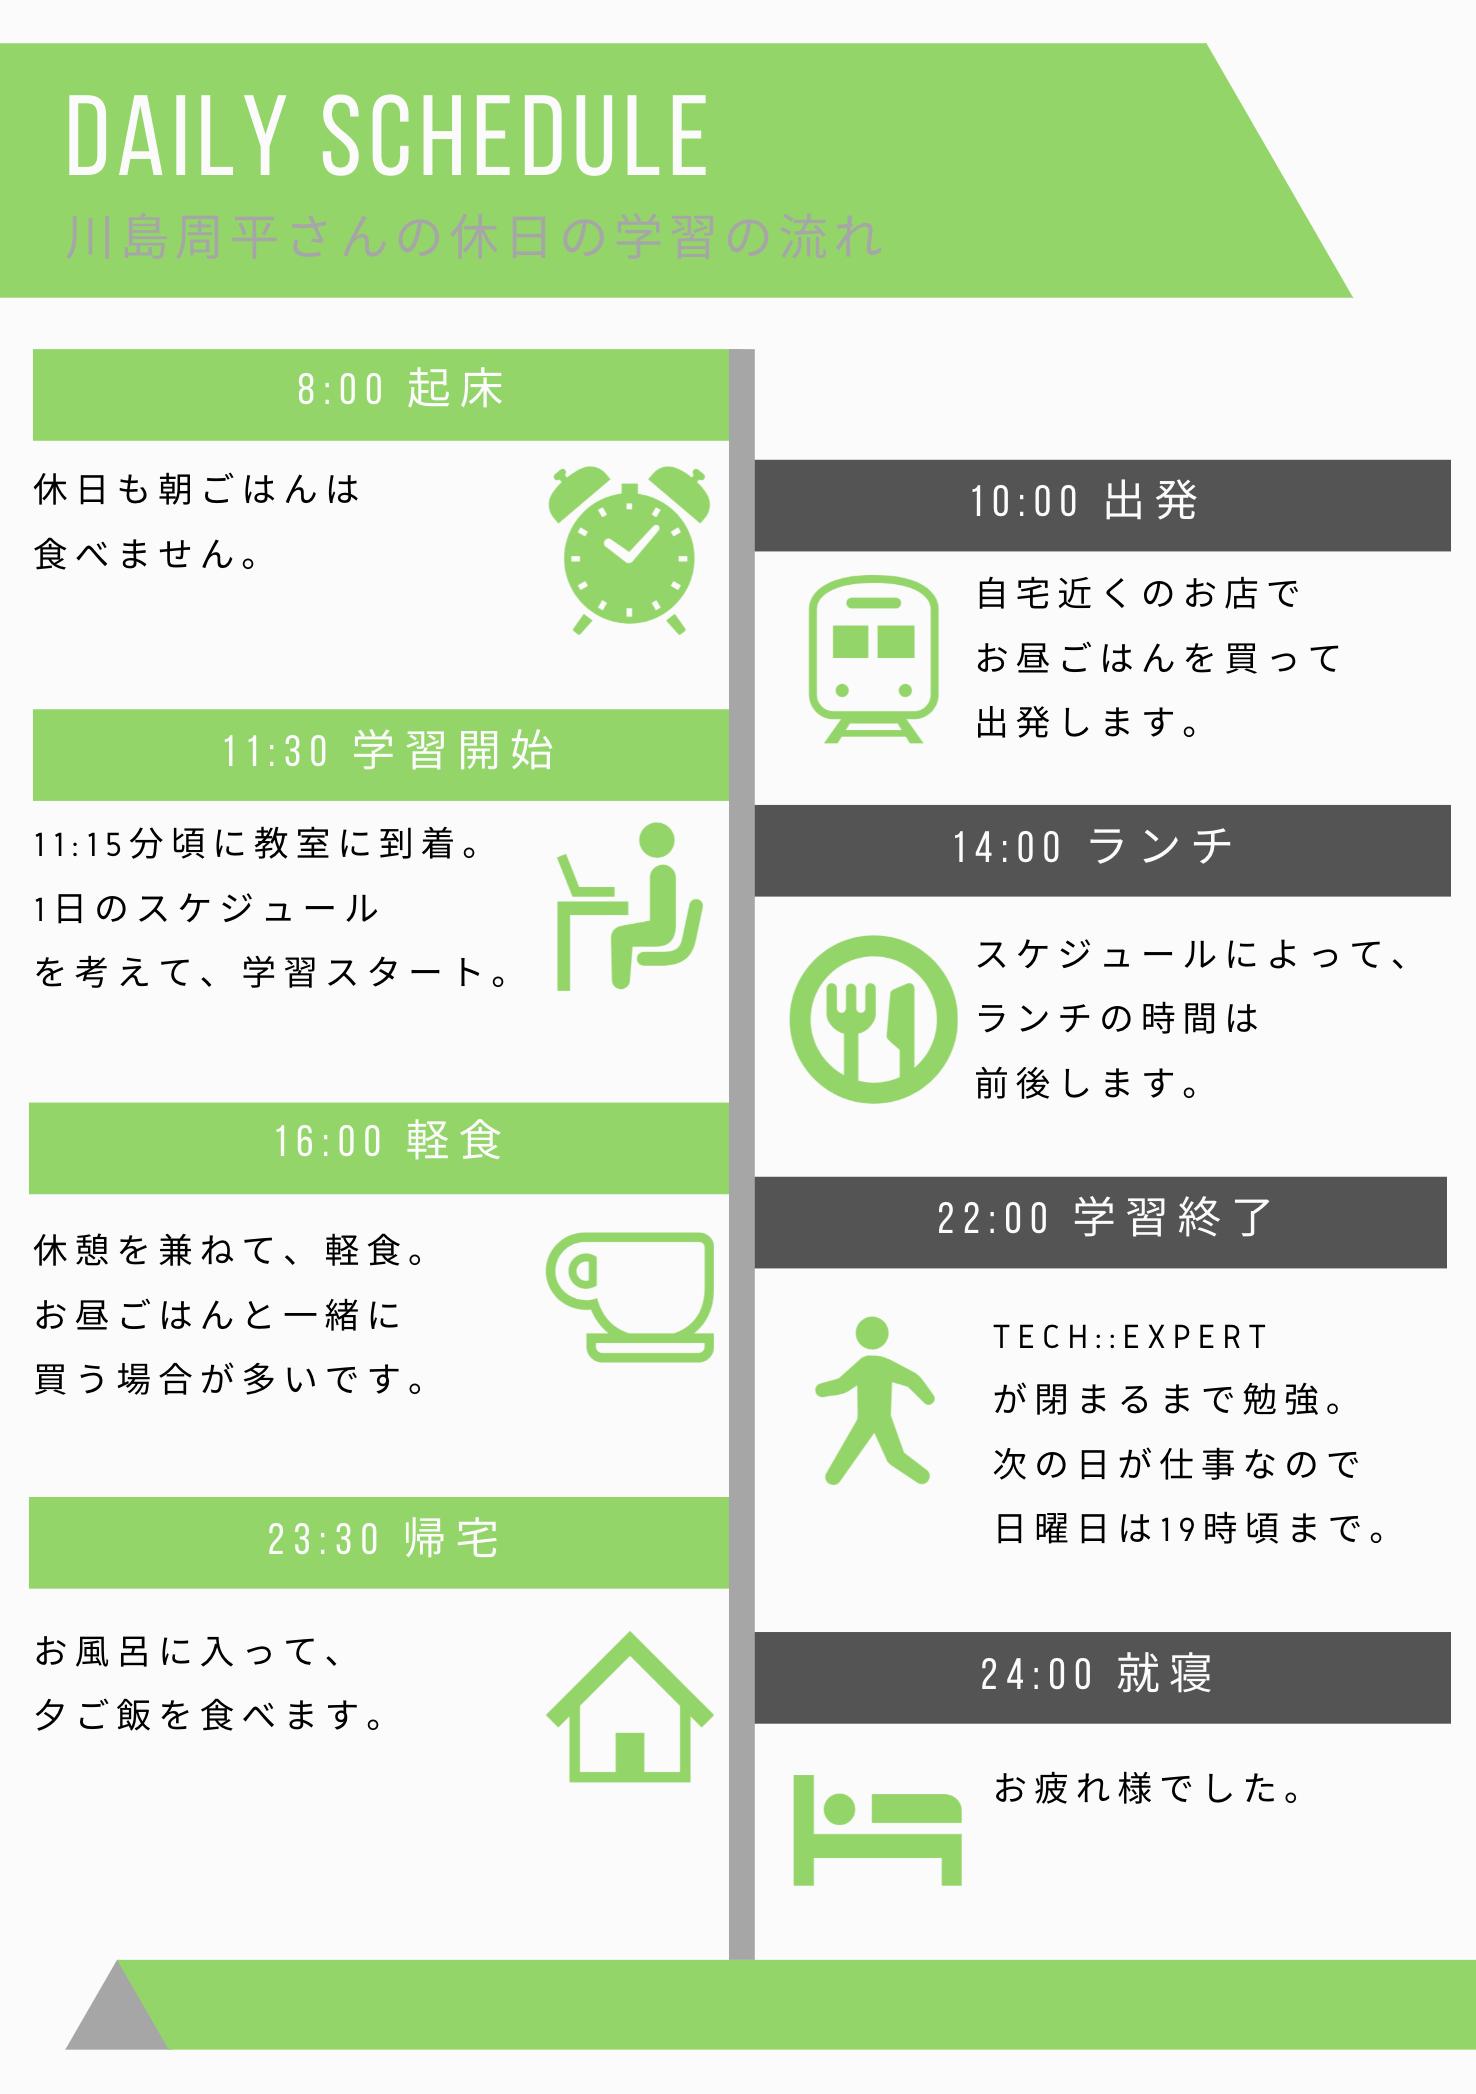 川島周平さん_1日の流れ_IG02